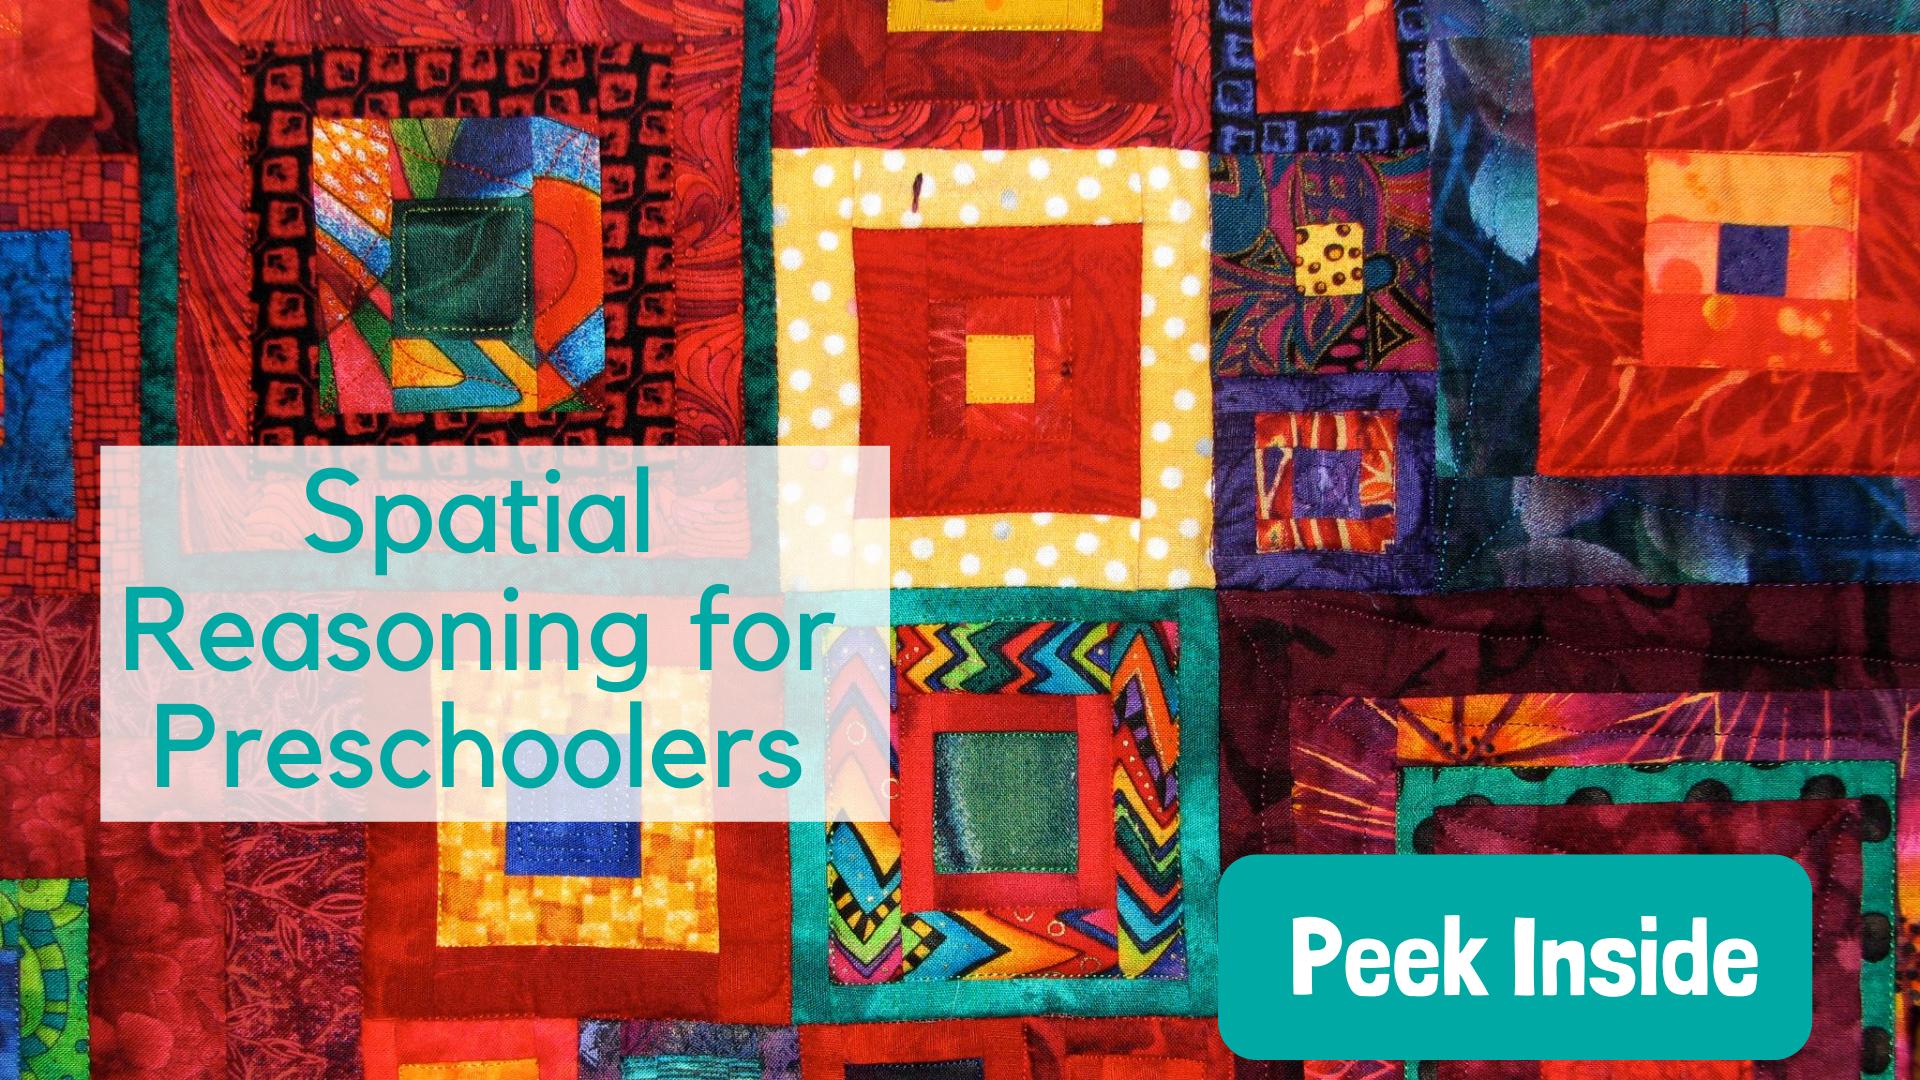 Spatial Reasoning for preschoolers